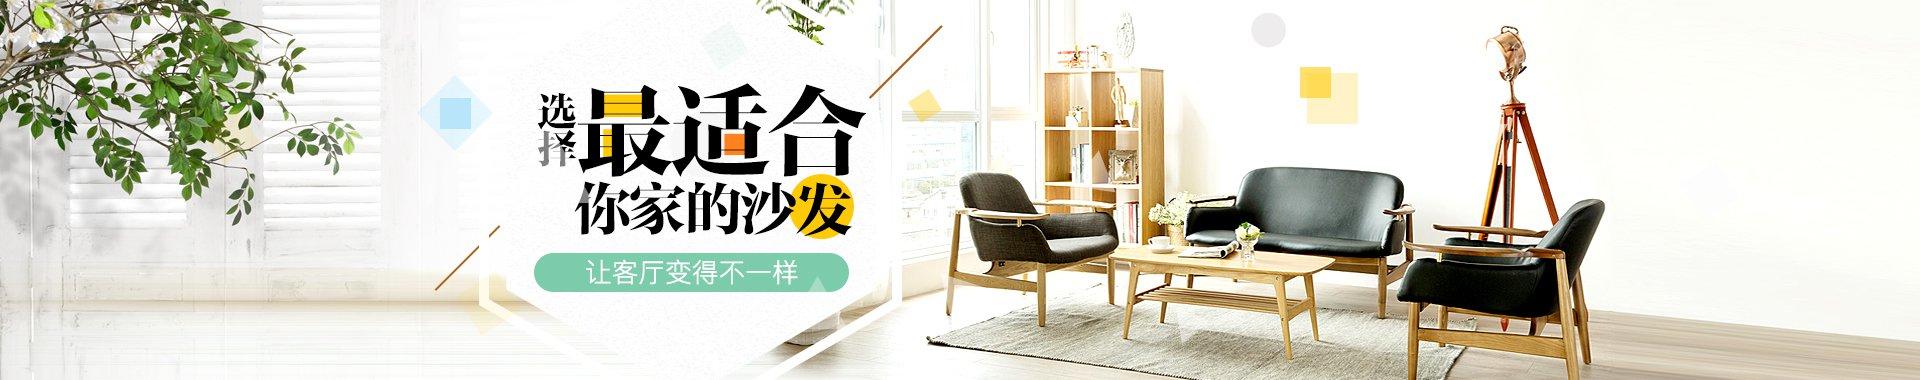 选择最适合你家的沙发 让客厅变得不一样